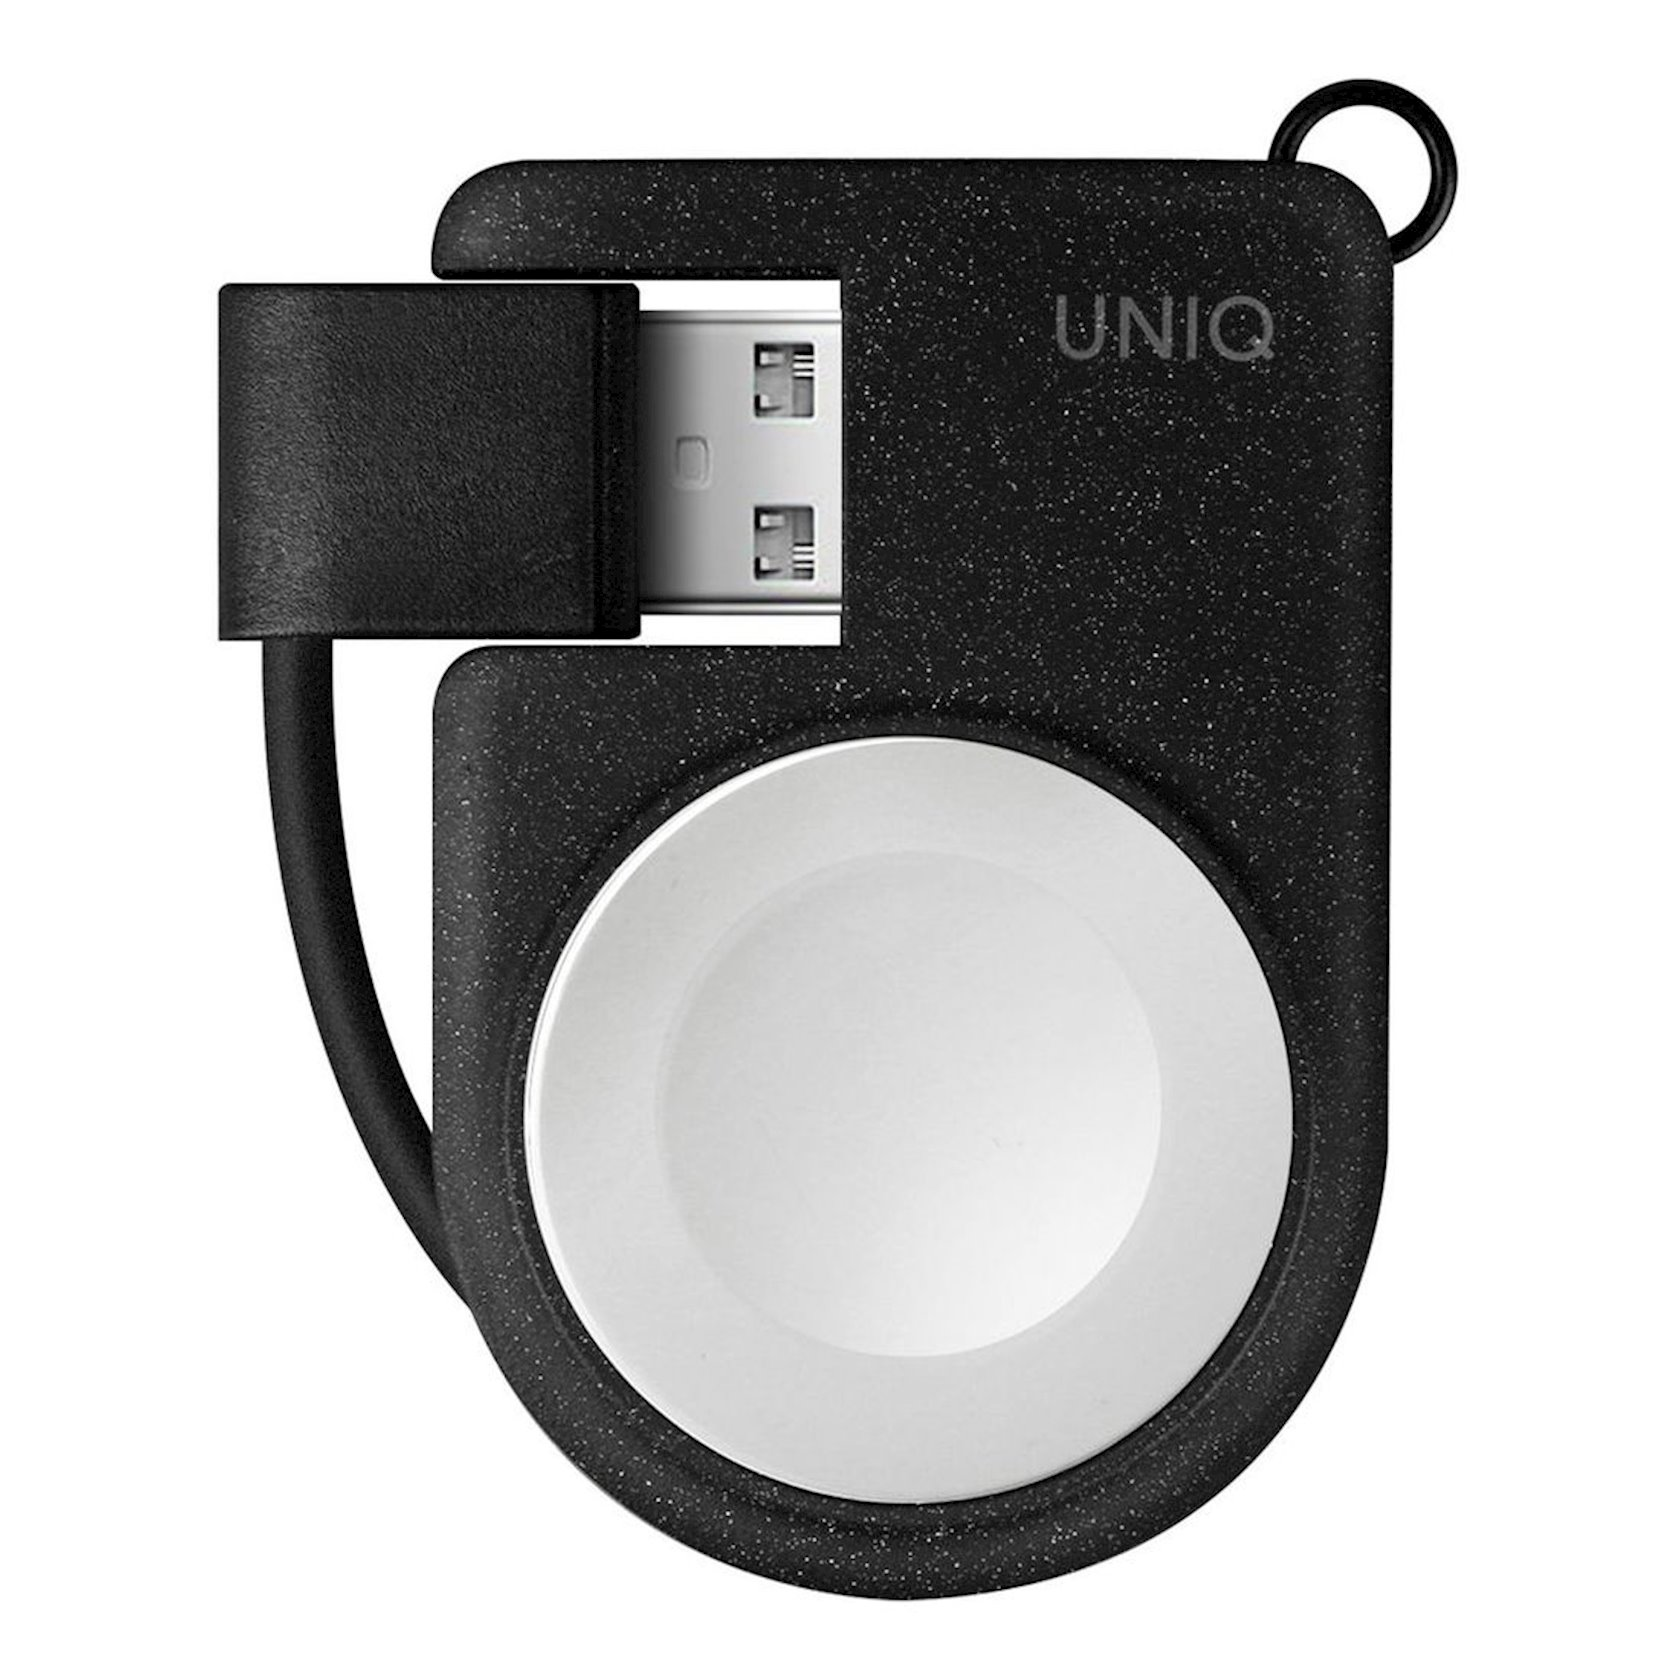 Smart saat üçün simsiz şarj cihazı Uniq Cove MFi Apple Watch üçün qara